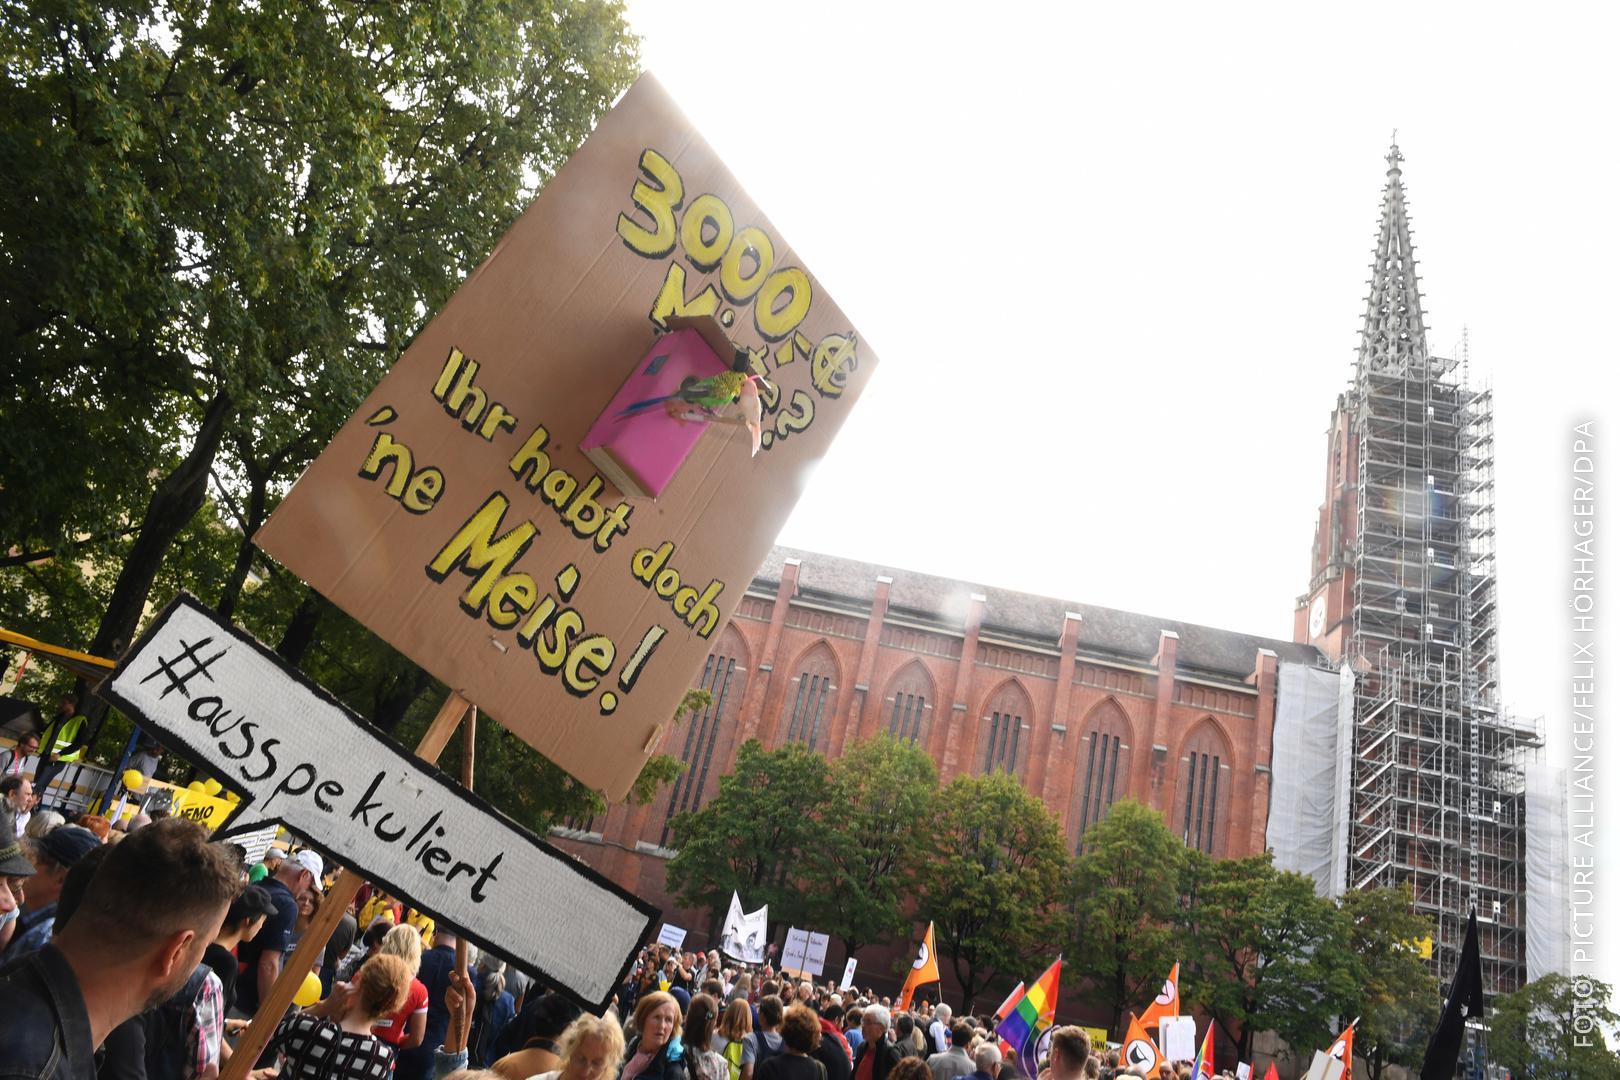 Plakat bei der #ausspekuliert-Demo